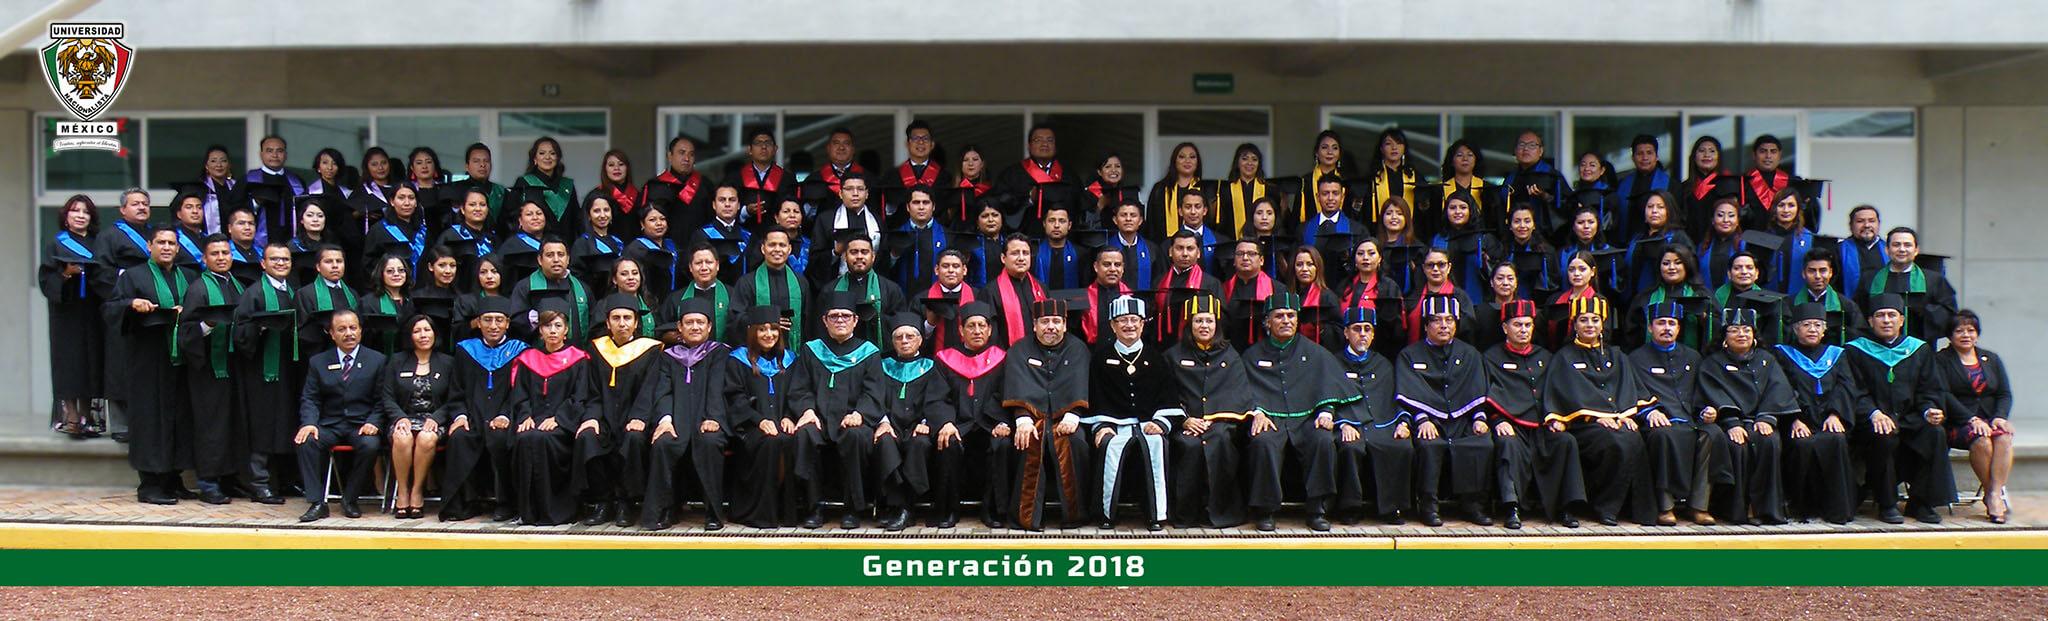 El día 19 de agosto del año 2018, en las Instalaciones de nuestra Universidad Nacionalista México se llevó a cabo el acto de Ceremonia de Graduación